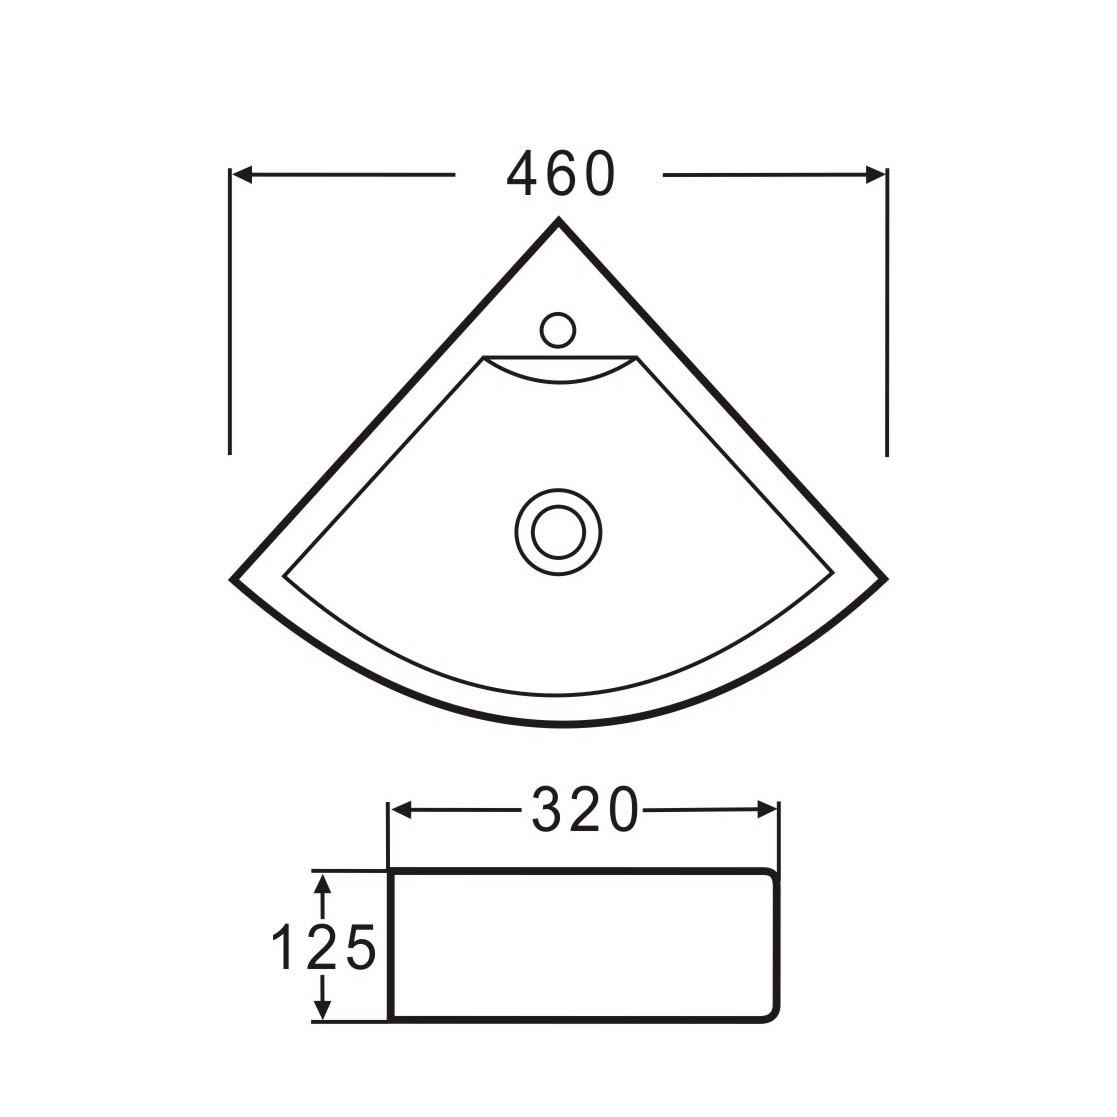 eck keramik waschbecken g ste wc 46x32 cm badkeramik waschbecken. Black Bedroom Furniture Sets. Home Design Ideas